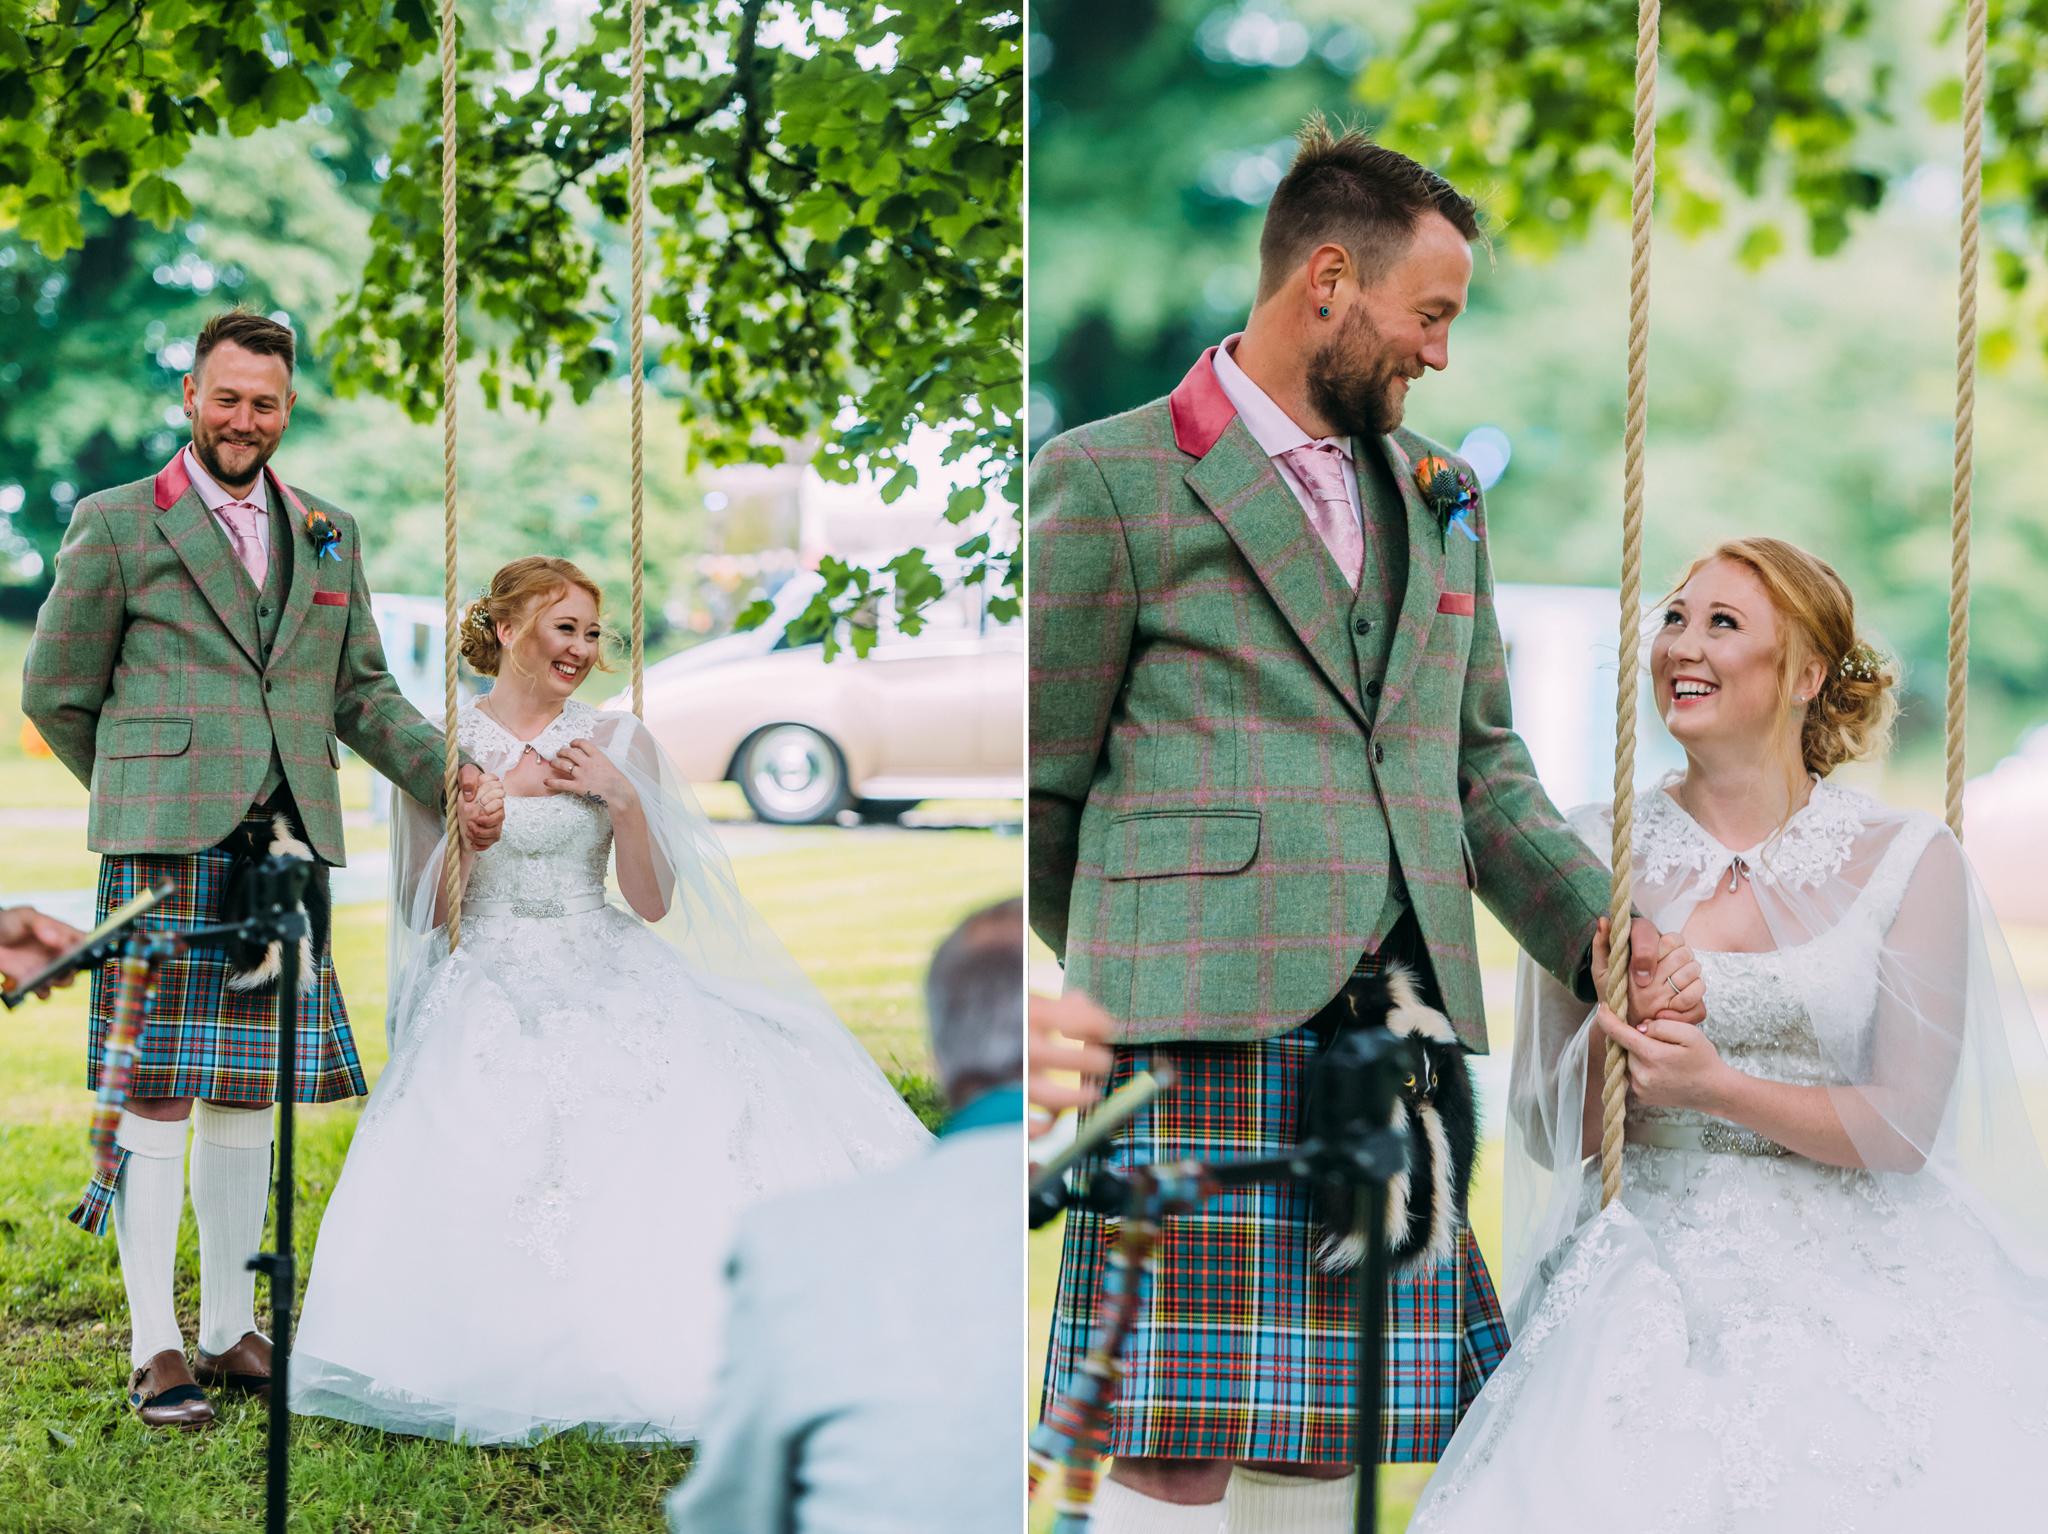 Bridal Make Up at Tullibole Castle Wedding